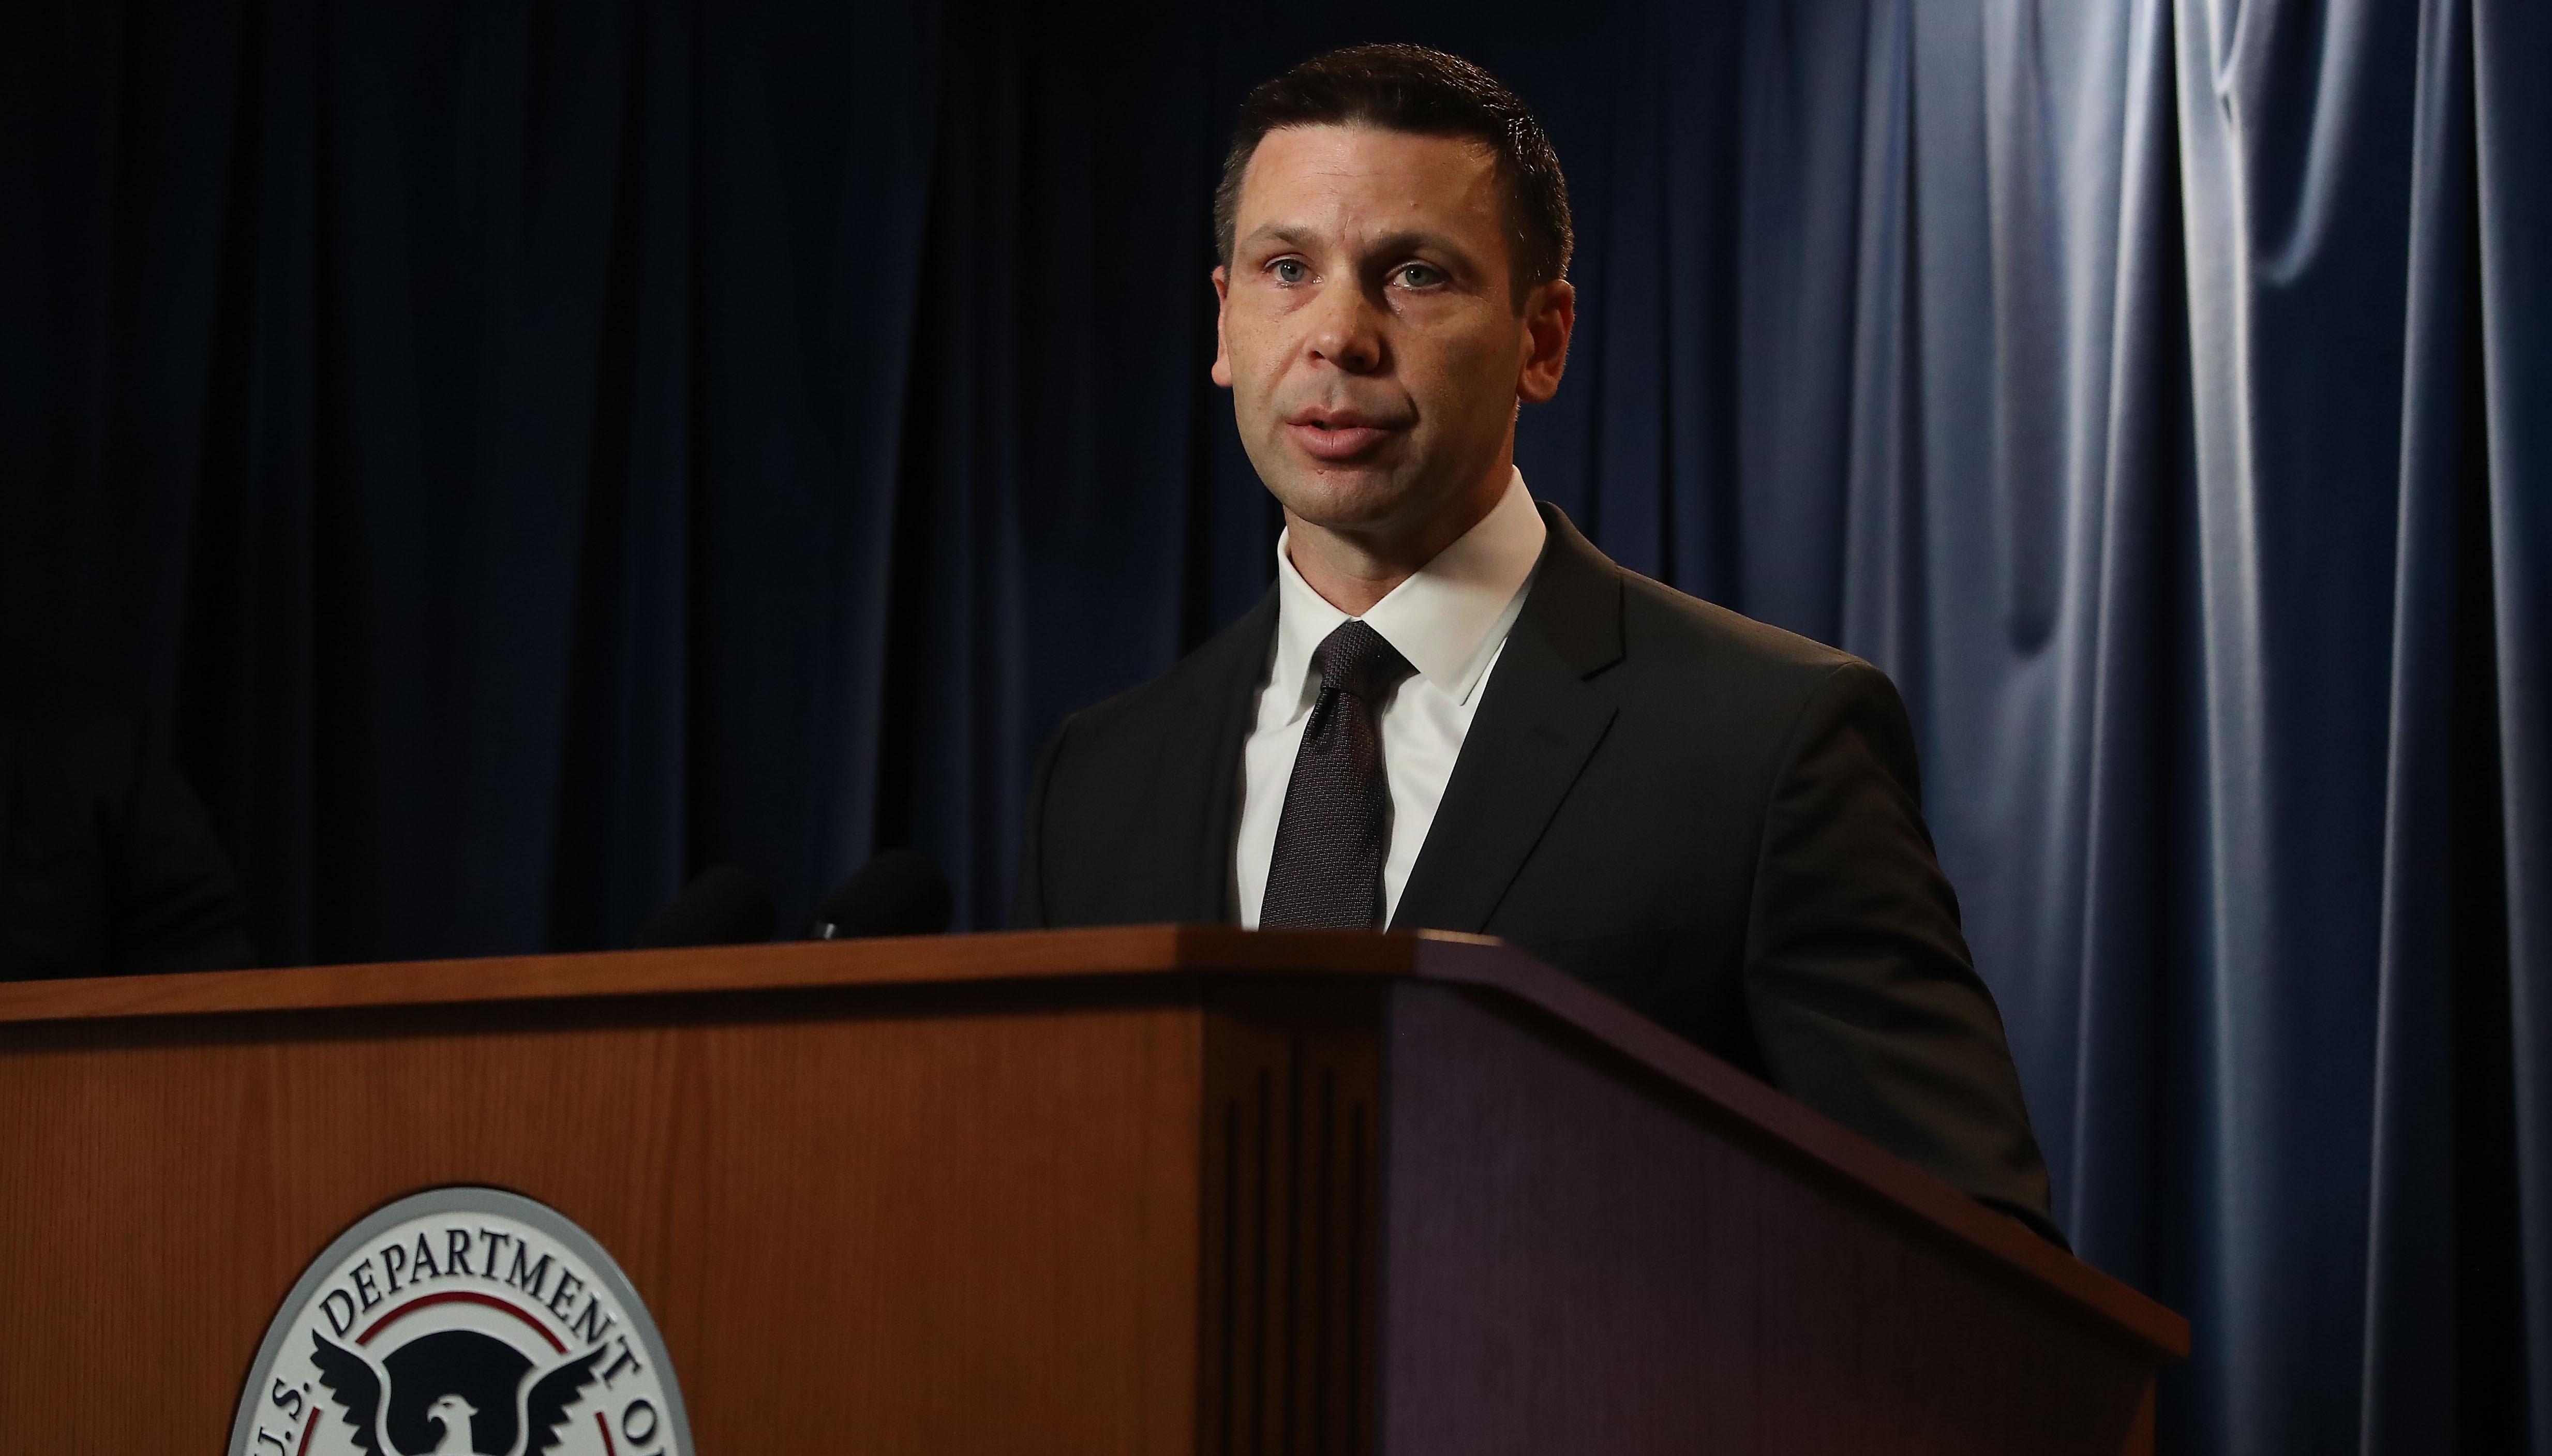 El nuevo secretario de Seguridad Interna de EE. U U., Kevin McAleenan, ha trabajado desde el 2006 en la Patrulla Fronteriza. (Foto Prensa Libre: EFE)